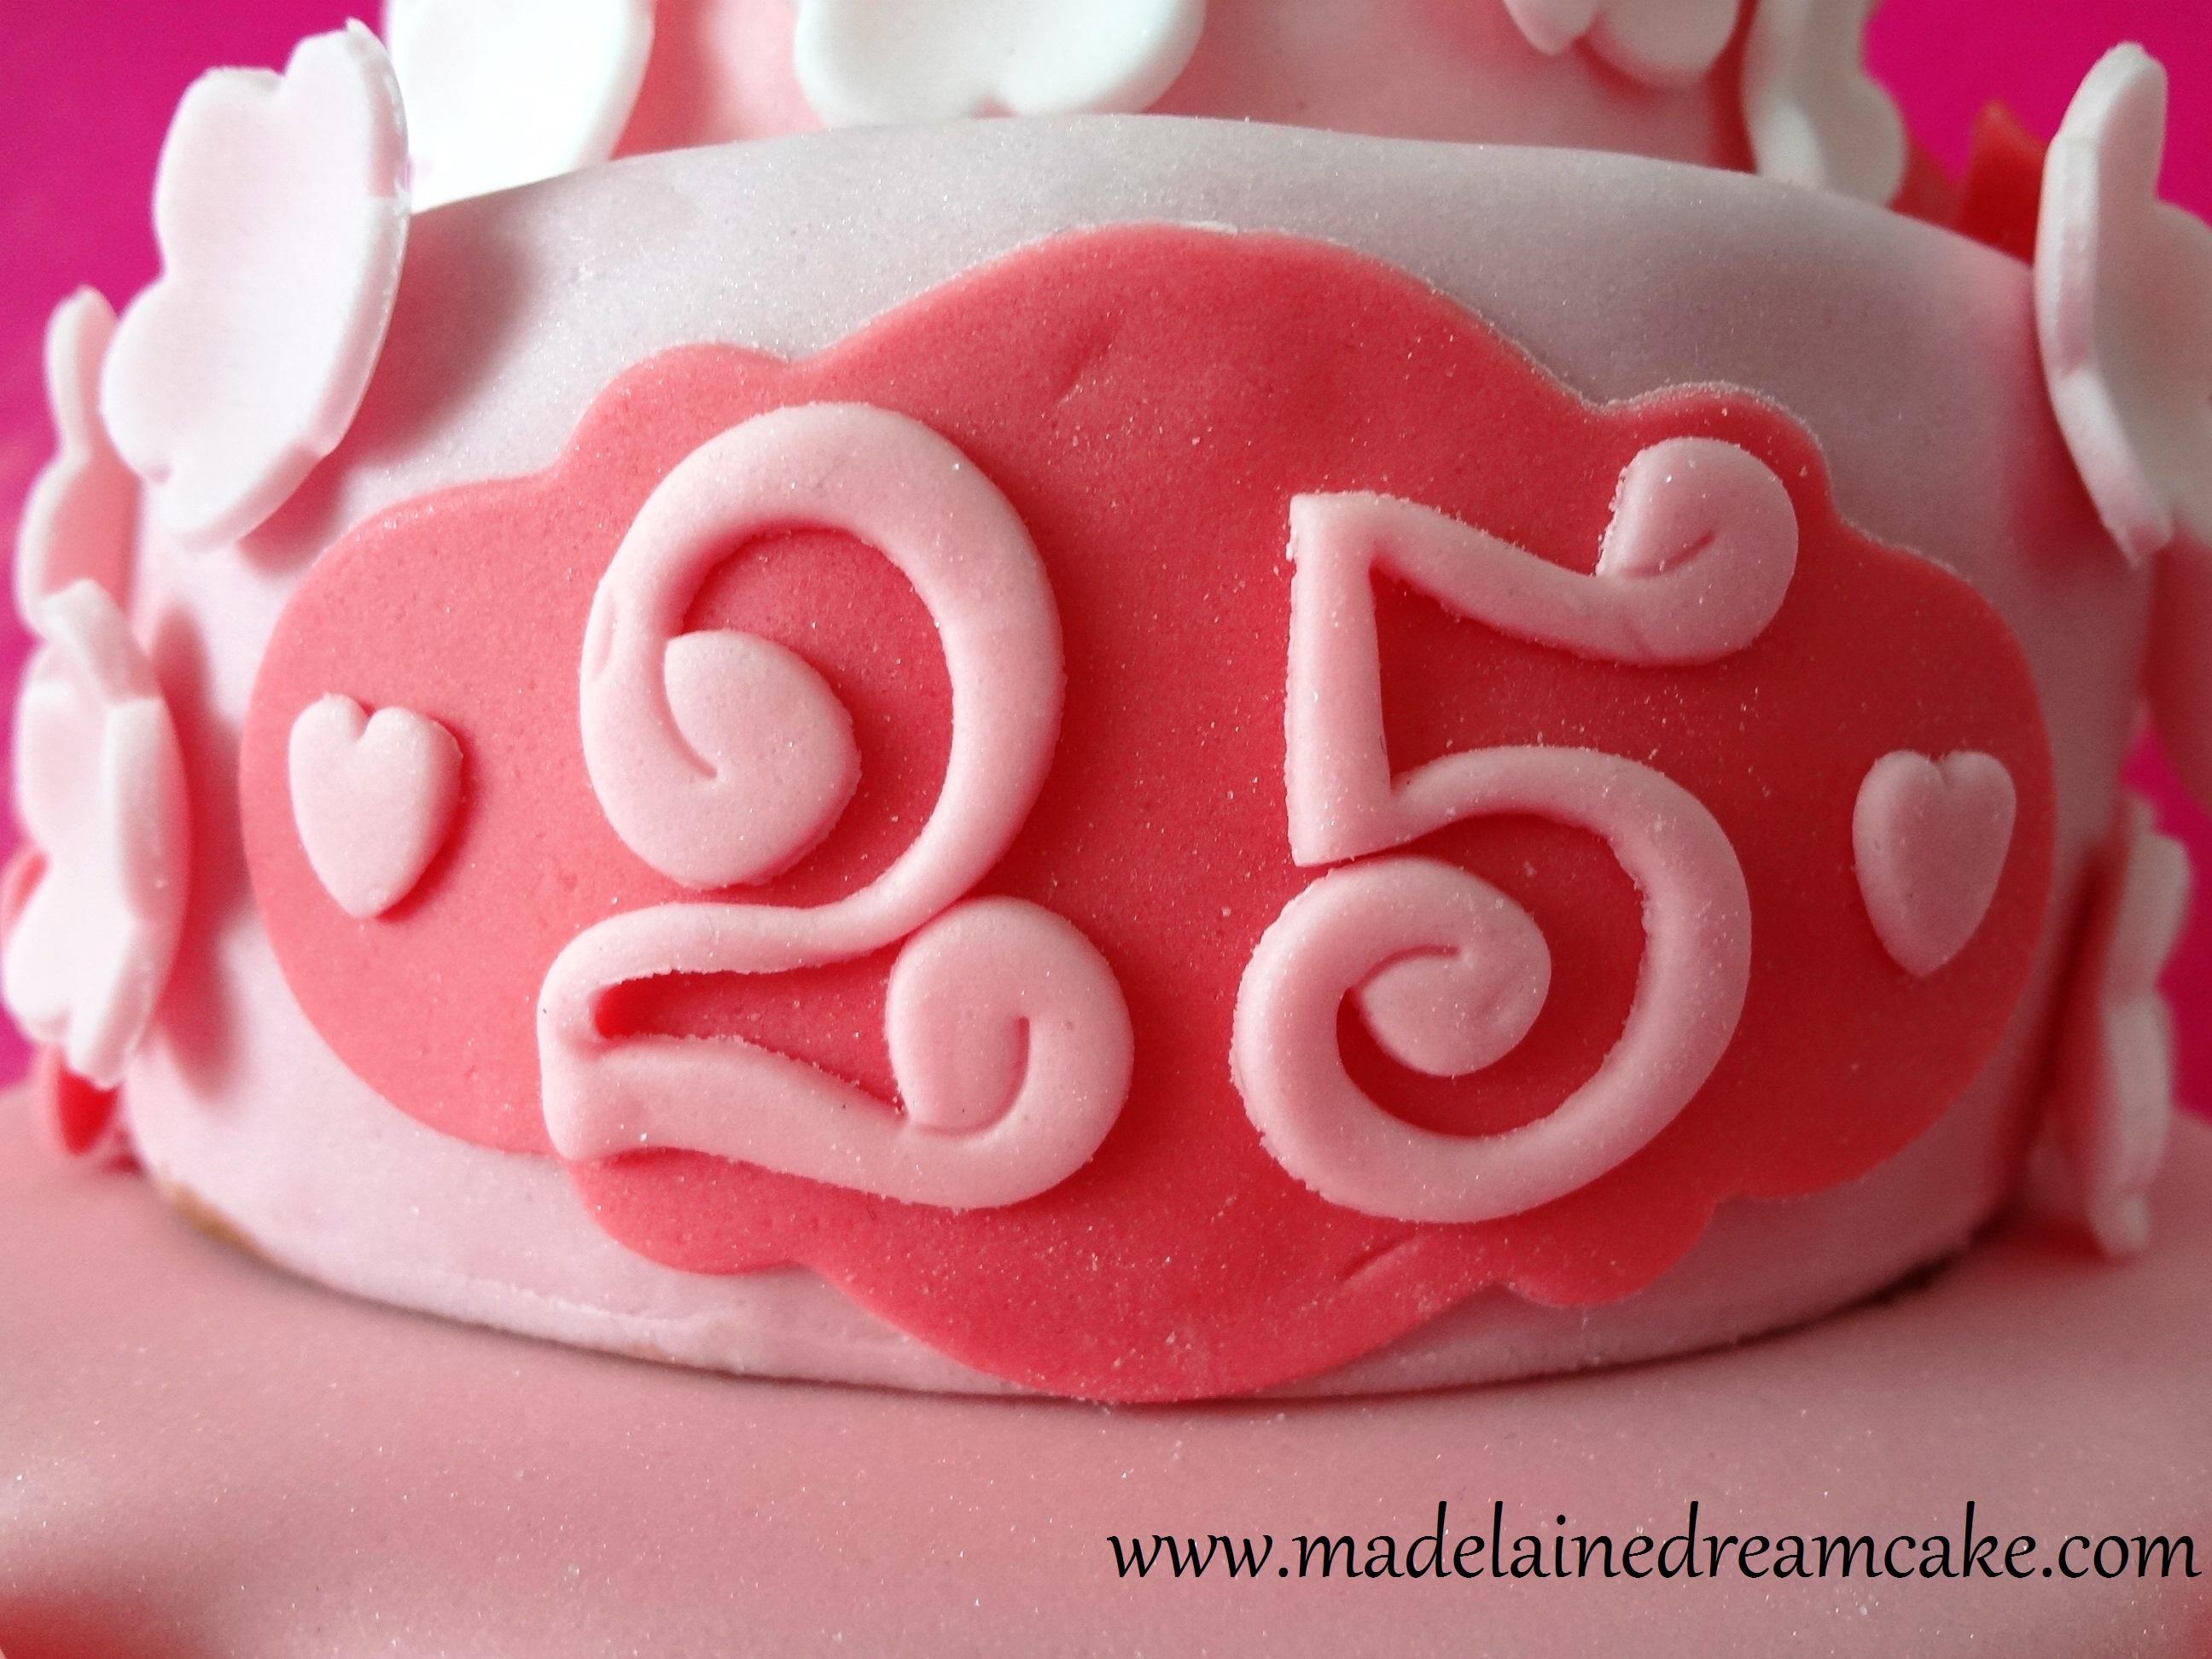 Torte Zum 25 Geburtstag Hylen Maddawards Com